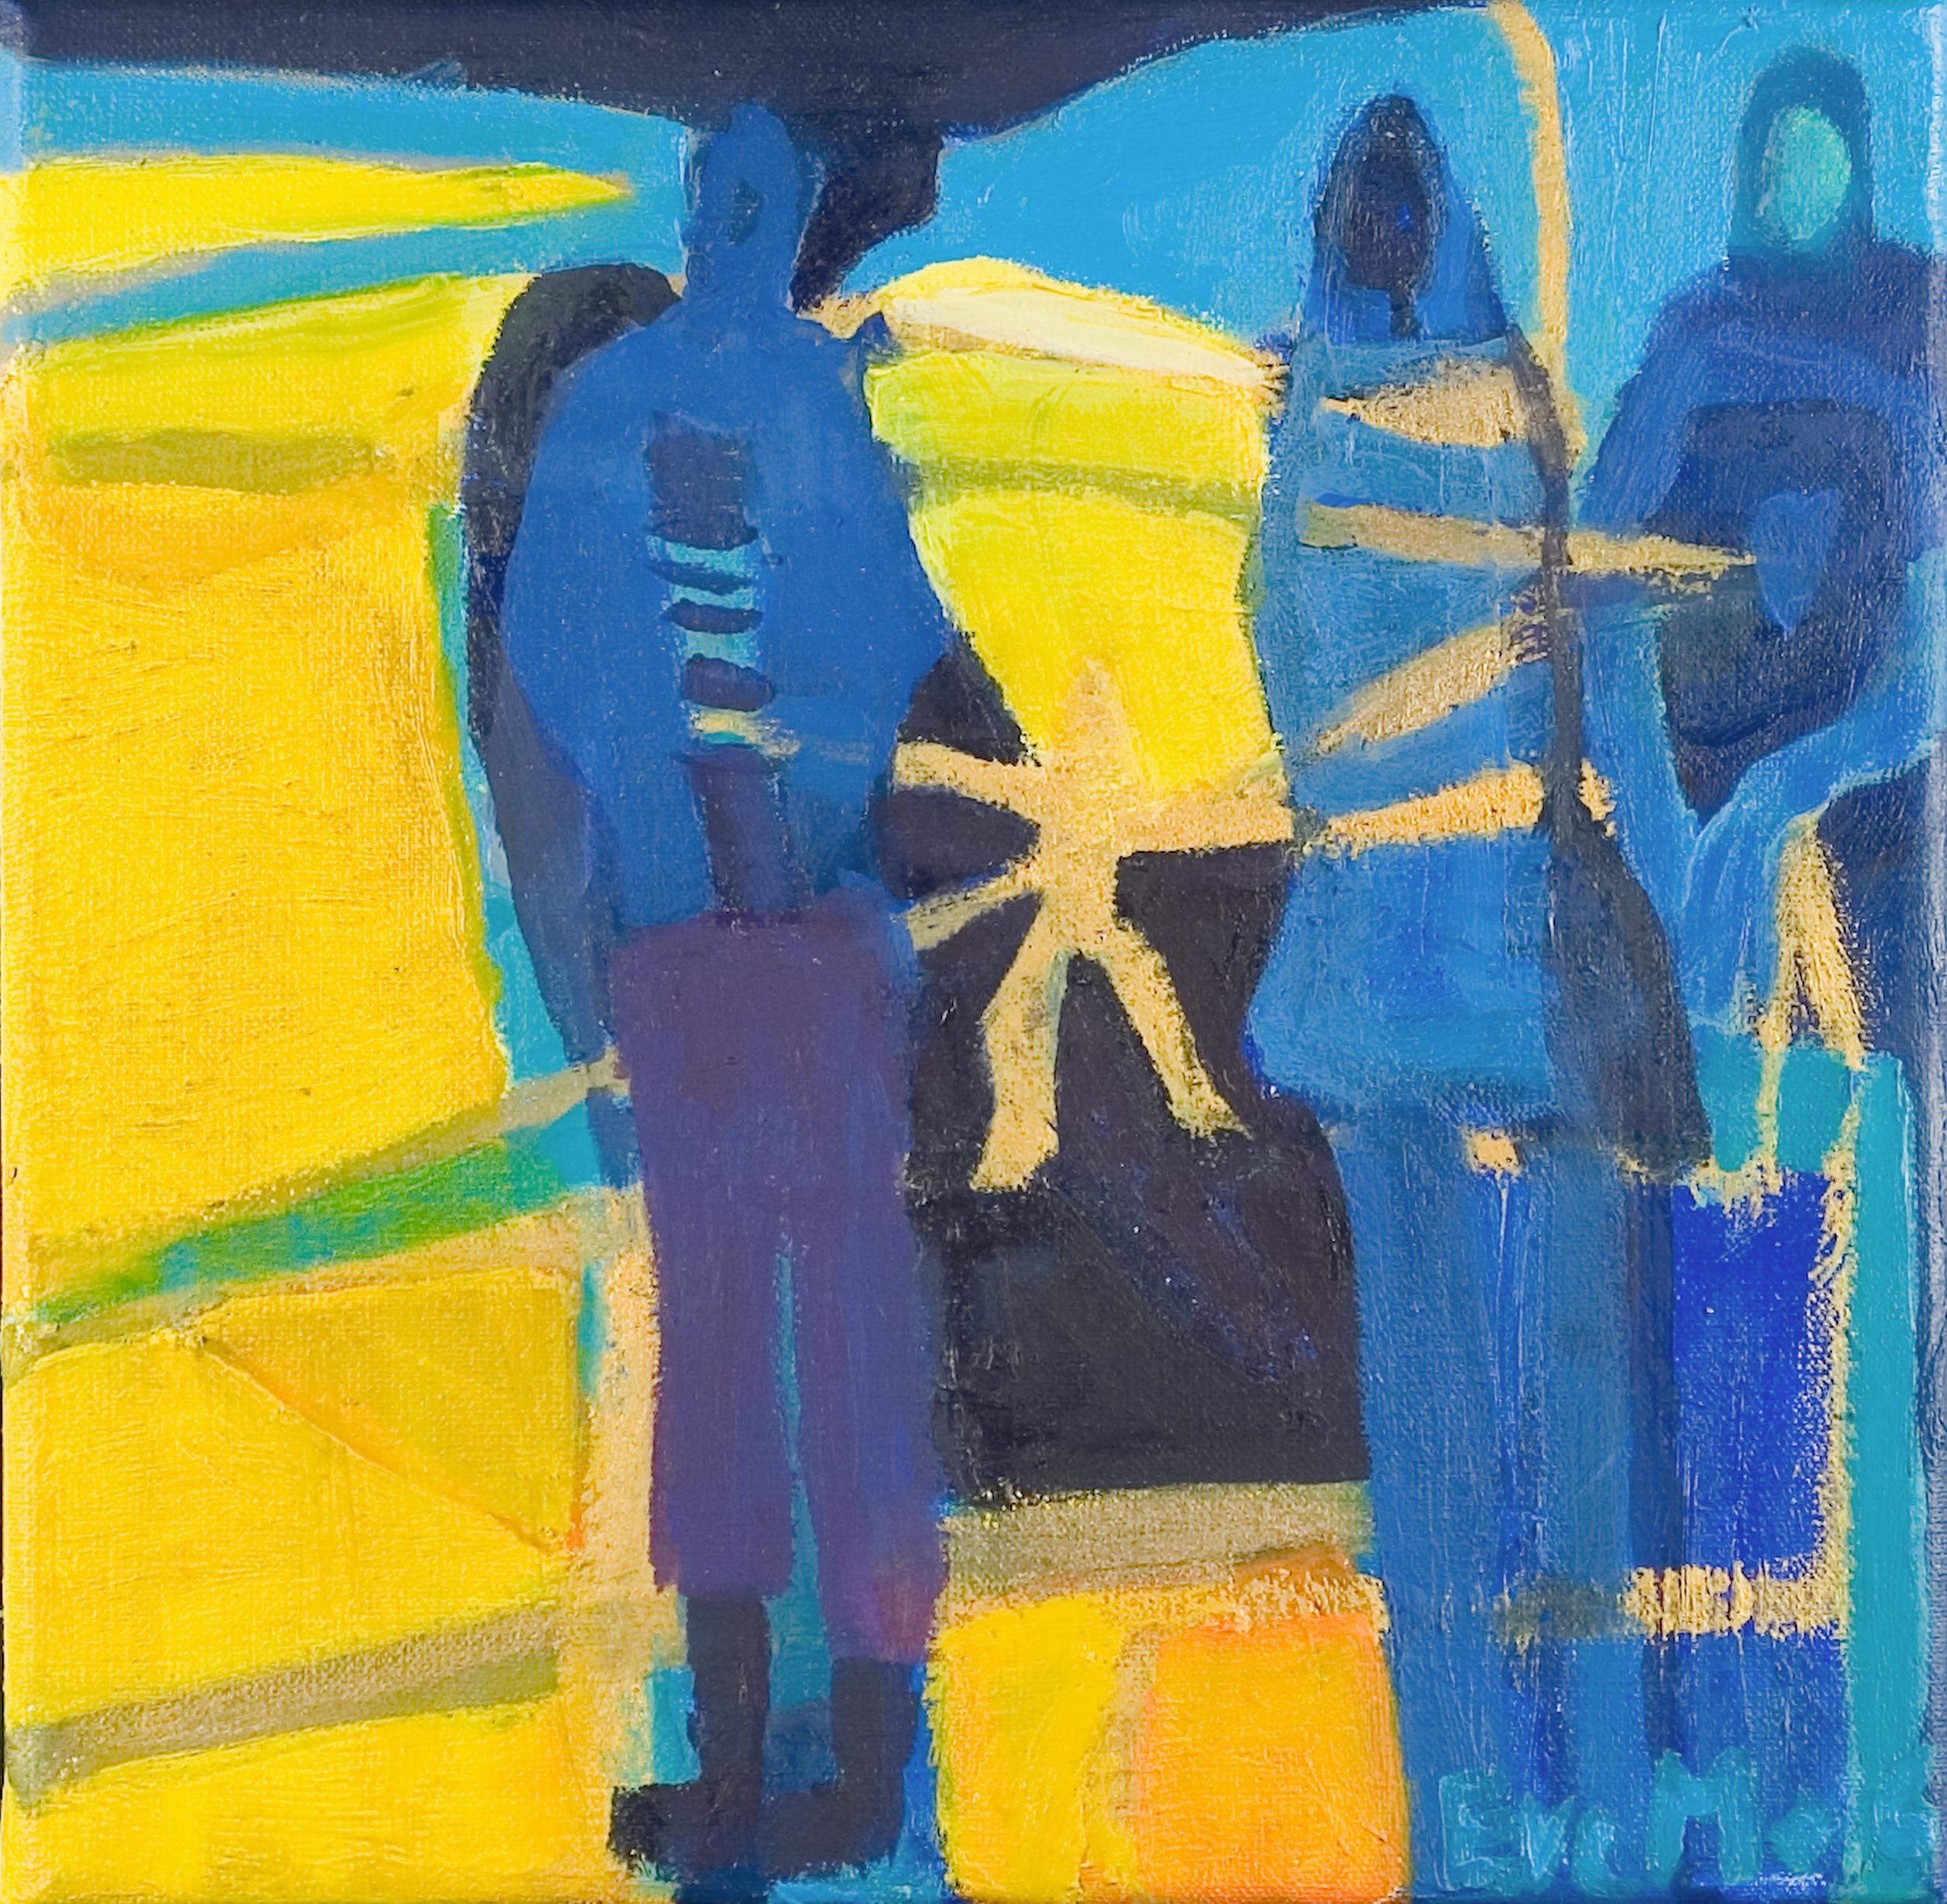 L'ombre jaune